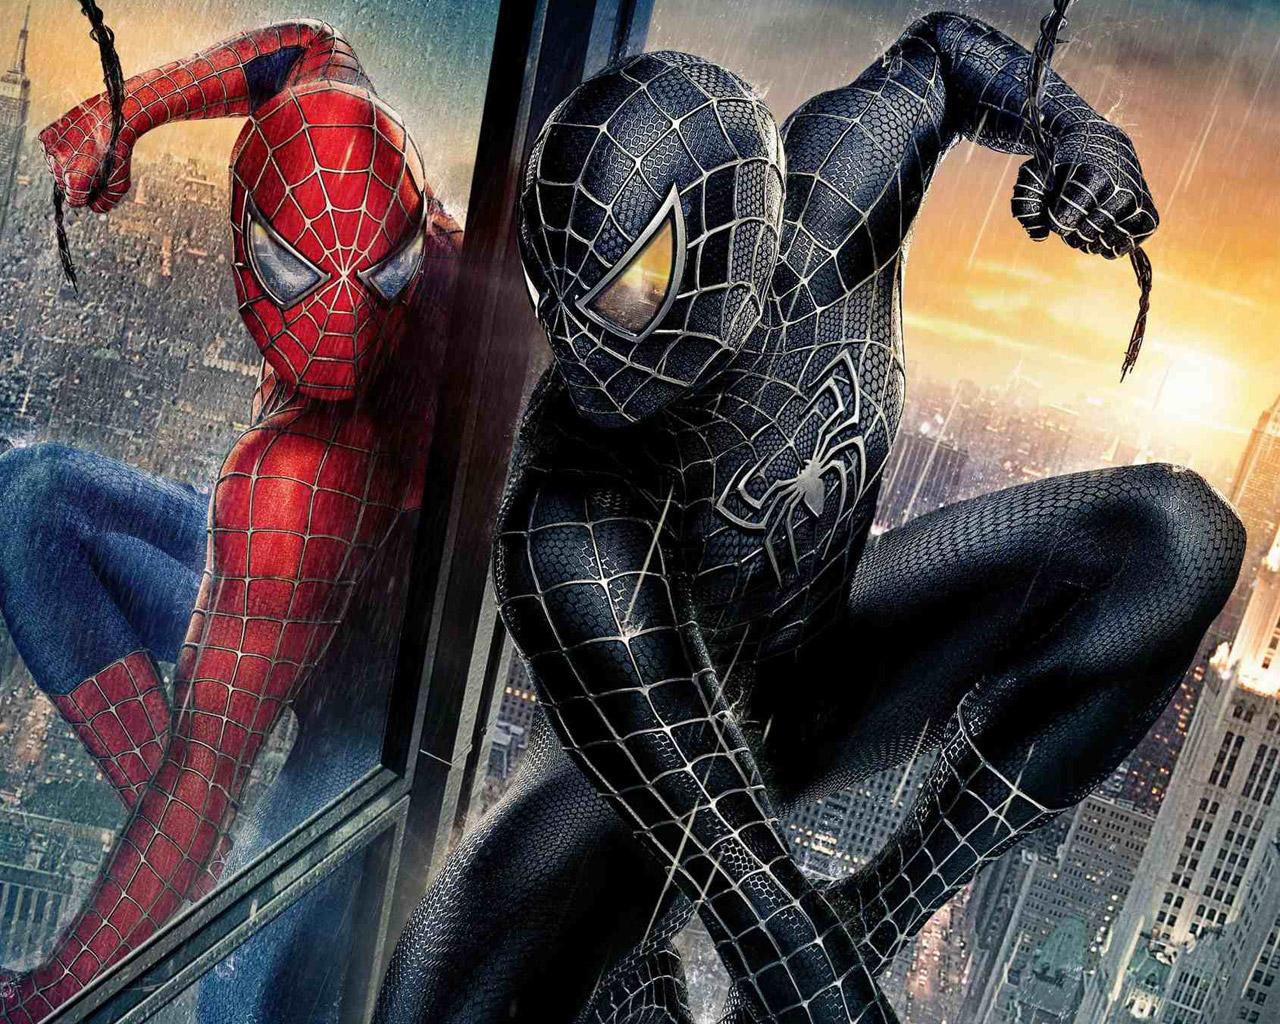 Spiderman Kleurplaten Superhelden Kleurplaten Animaatjes Nl: Spiderman Wallpapers